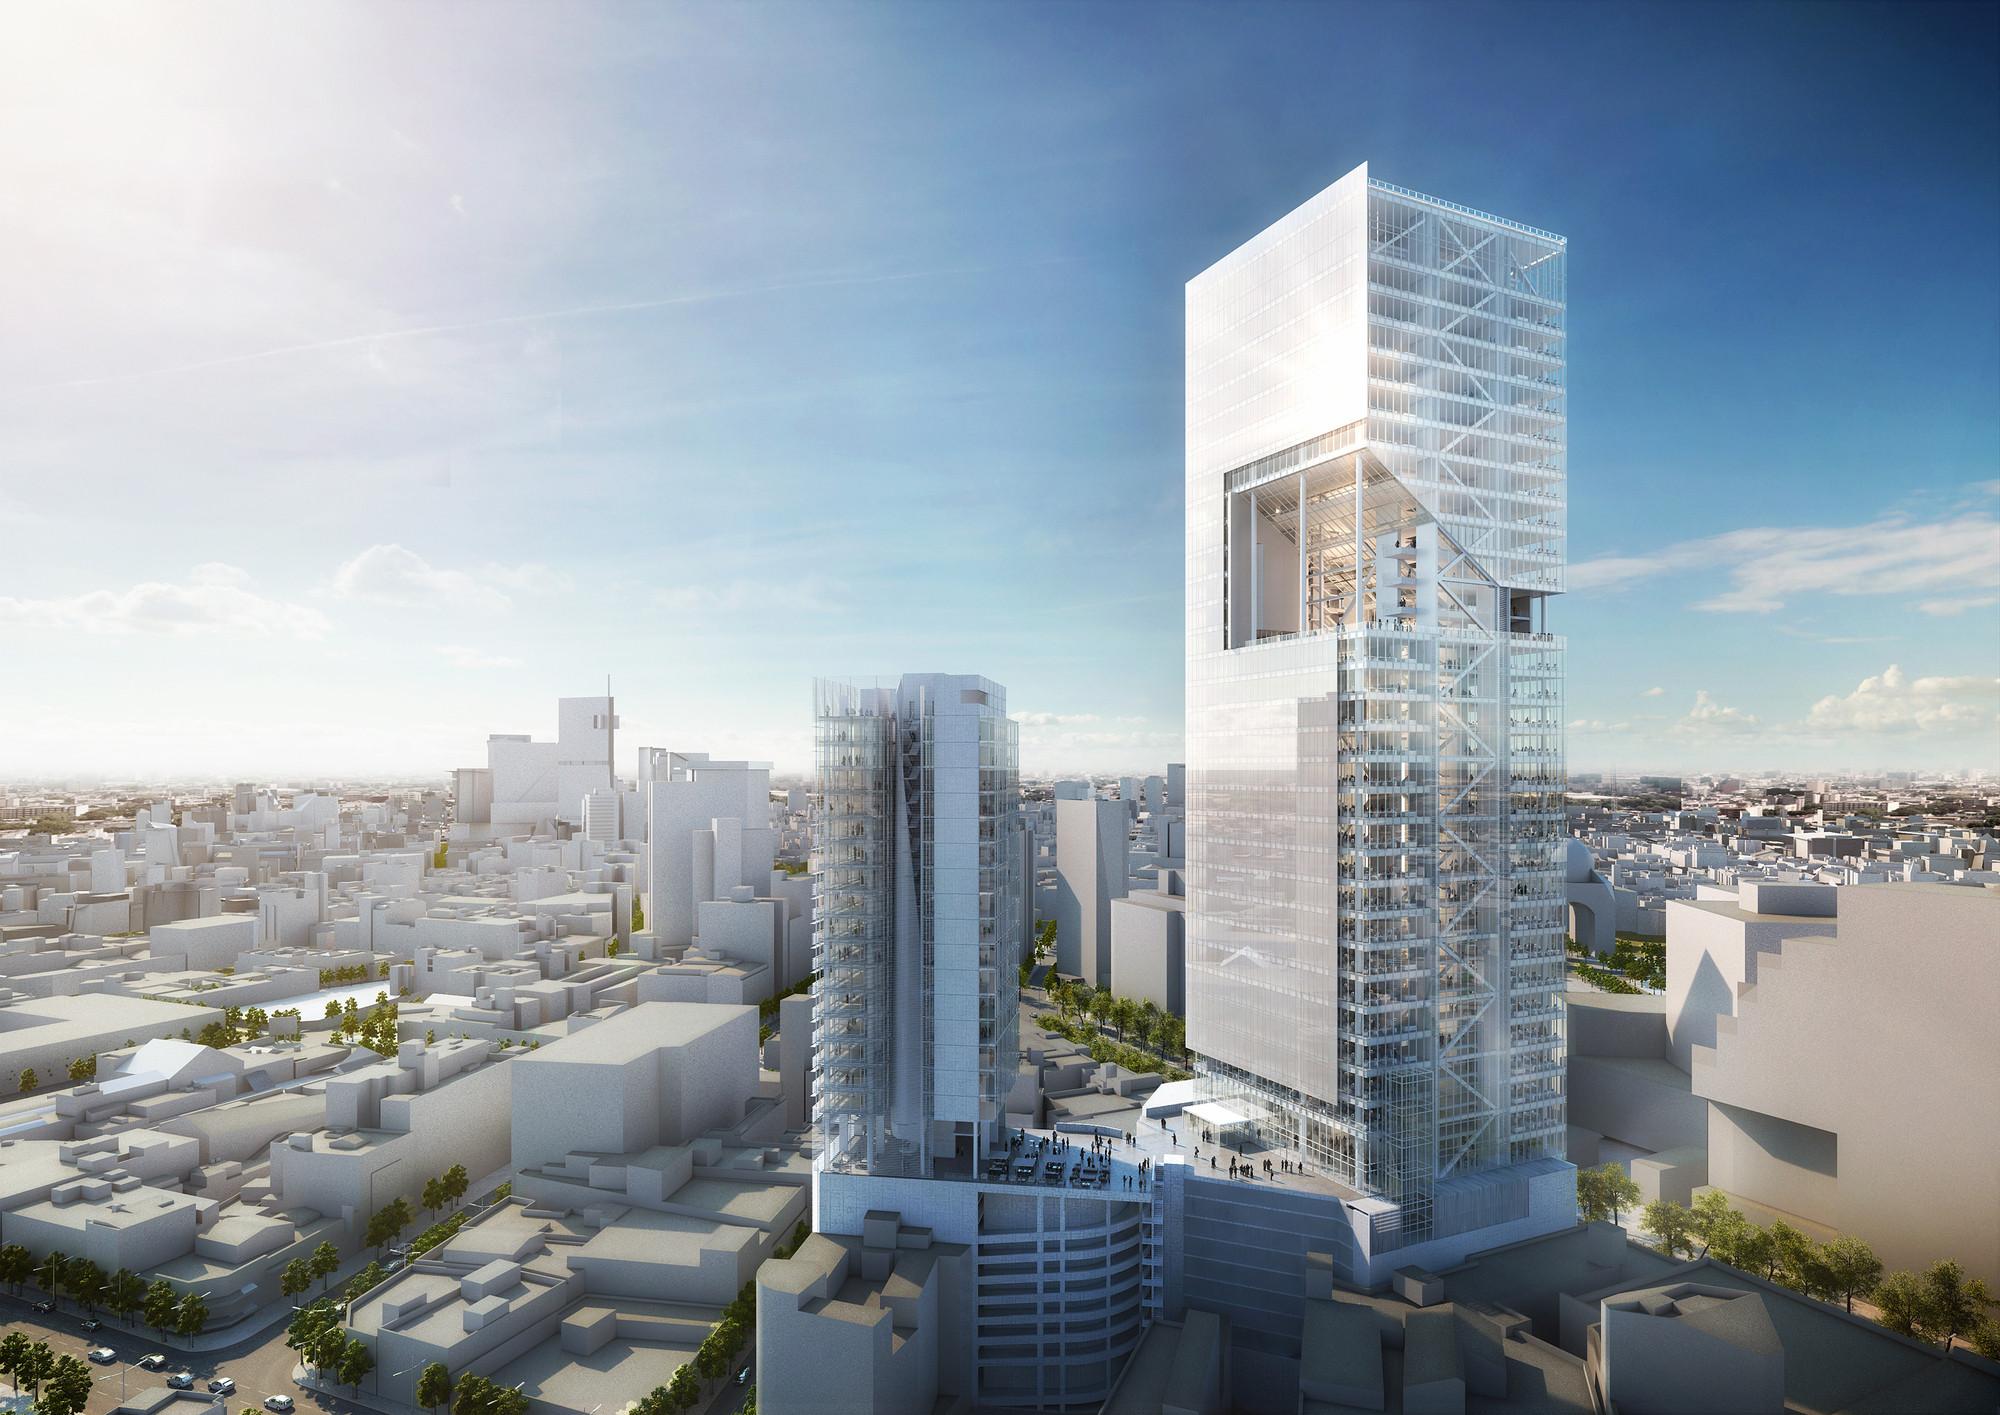 """Acuerdo trinacional reconocerá a arquitectos titulados entre EU, Canadá y México , """"Reforma Tower"""", proyecto de 180 metros de altura del arquitecto Richard Meier para la Ciudad de México"""